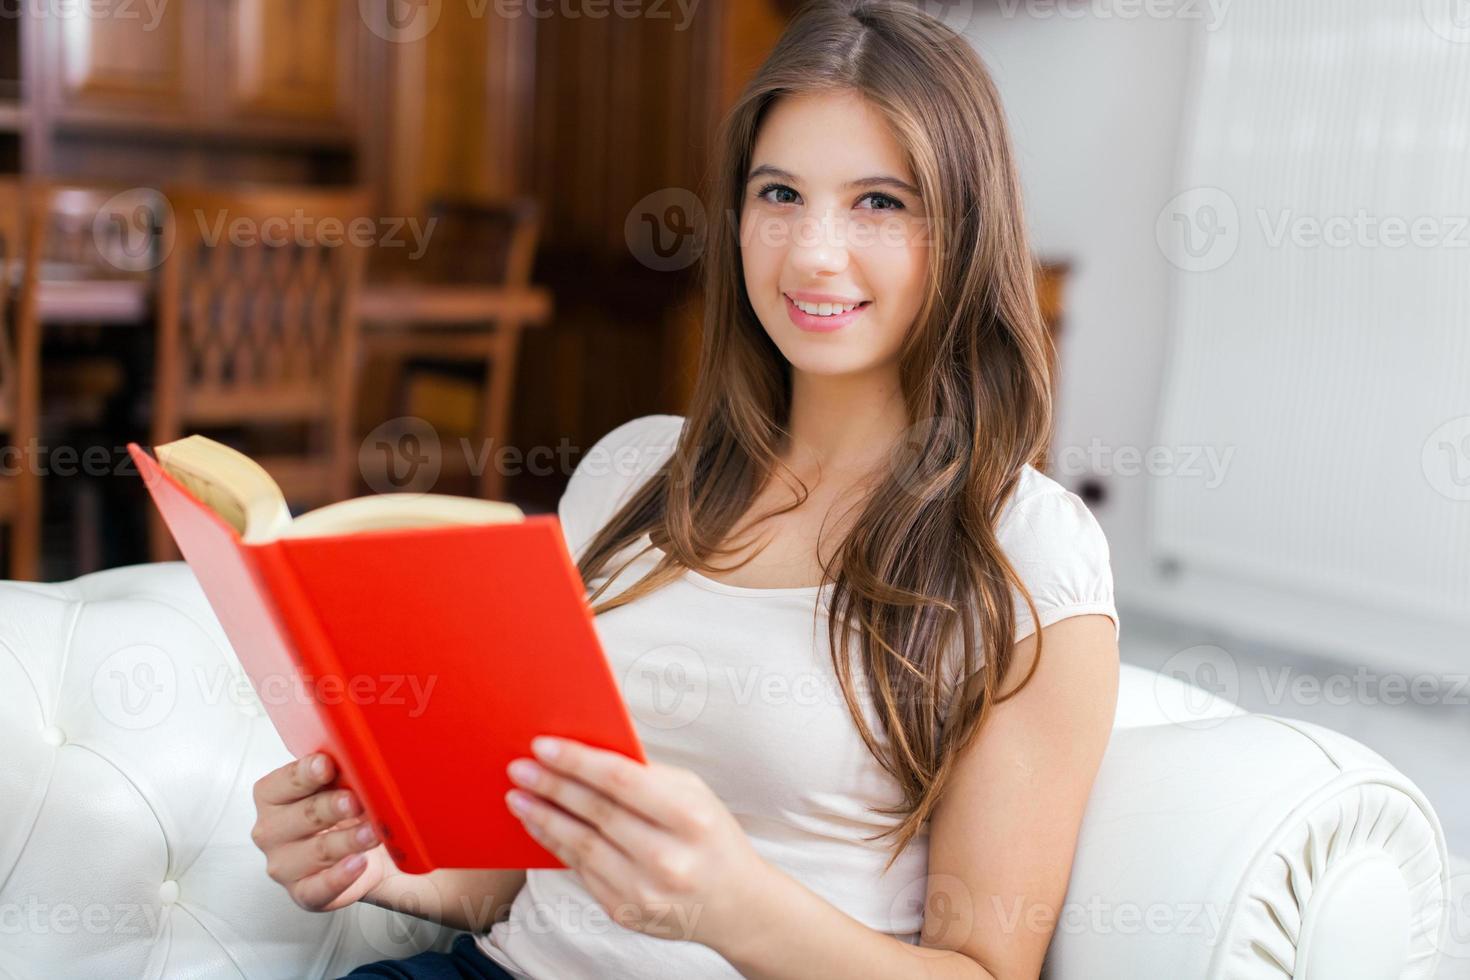 vrouw leest een boek terwijl u ontspant op de bank foto